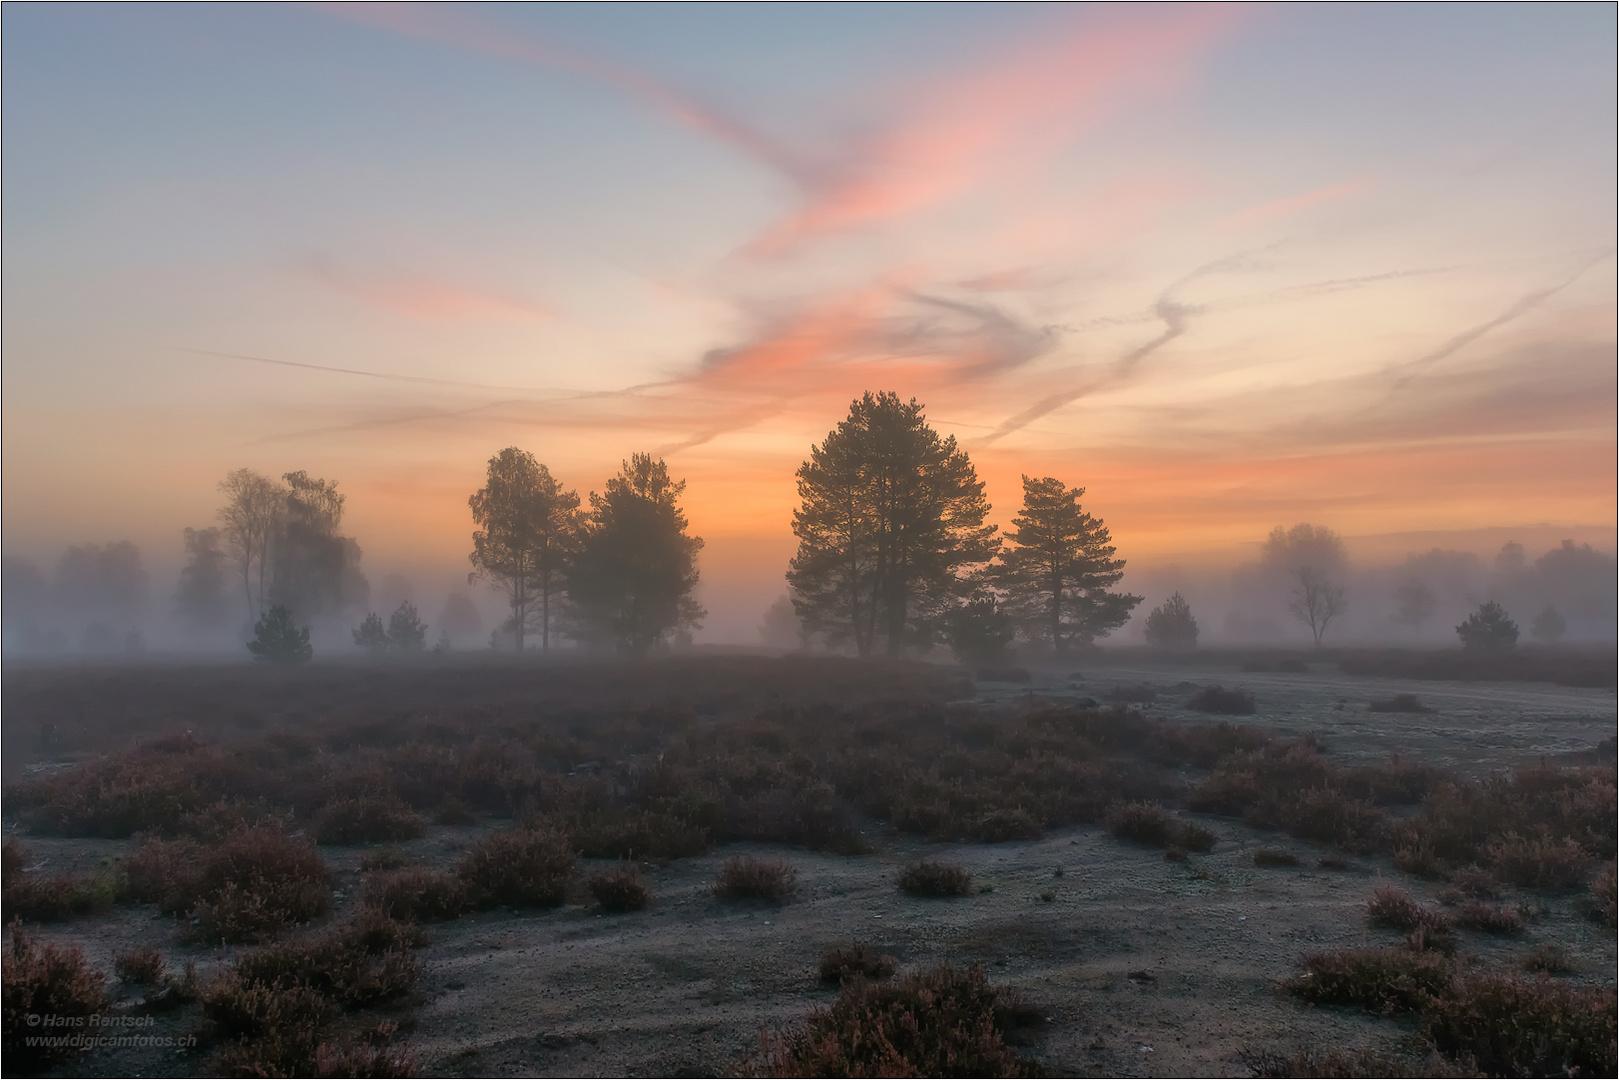 Kurz vor Sonnenaufgang in der Heide..